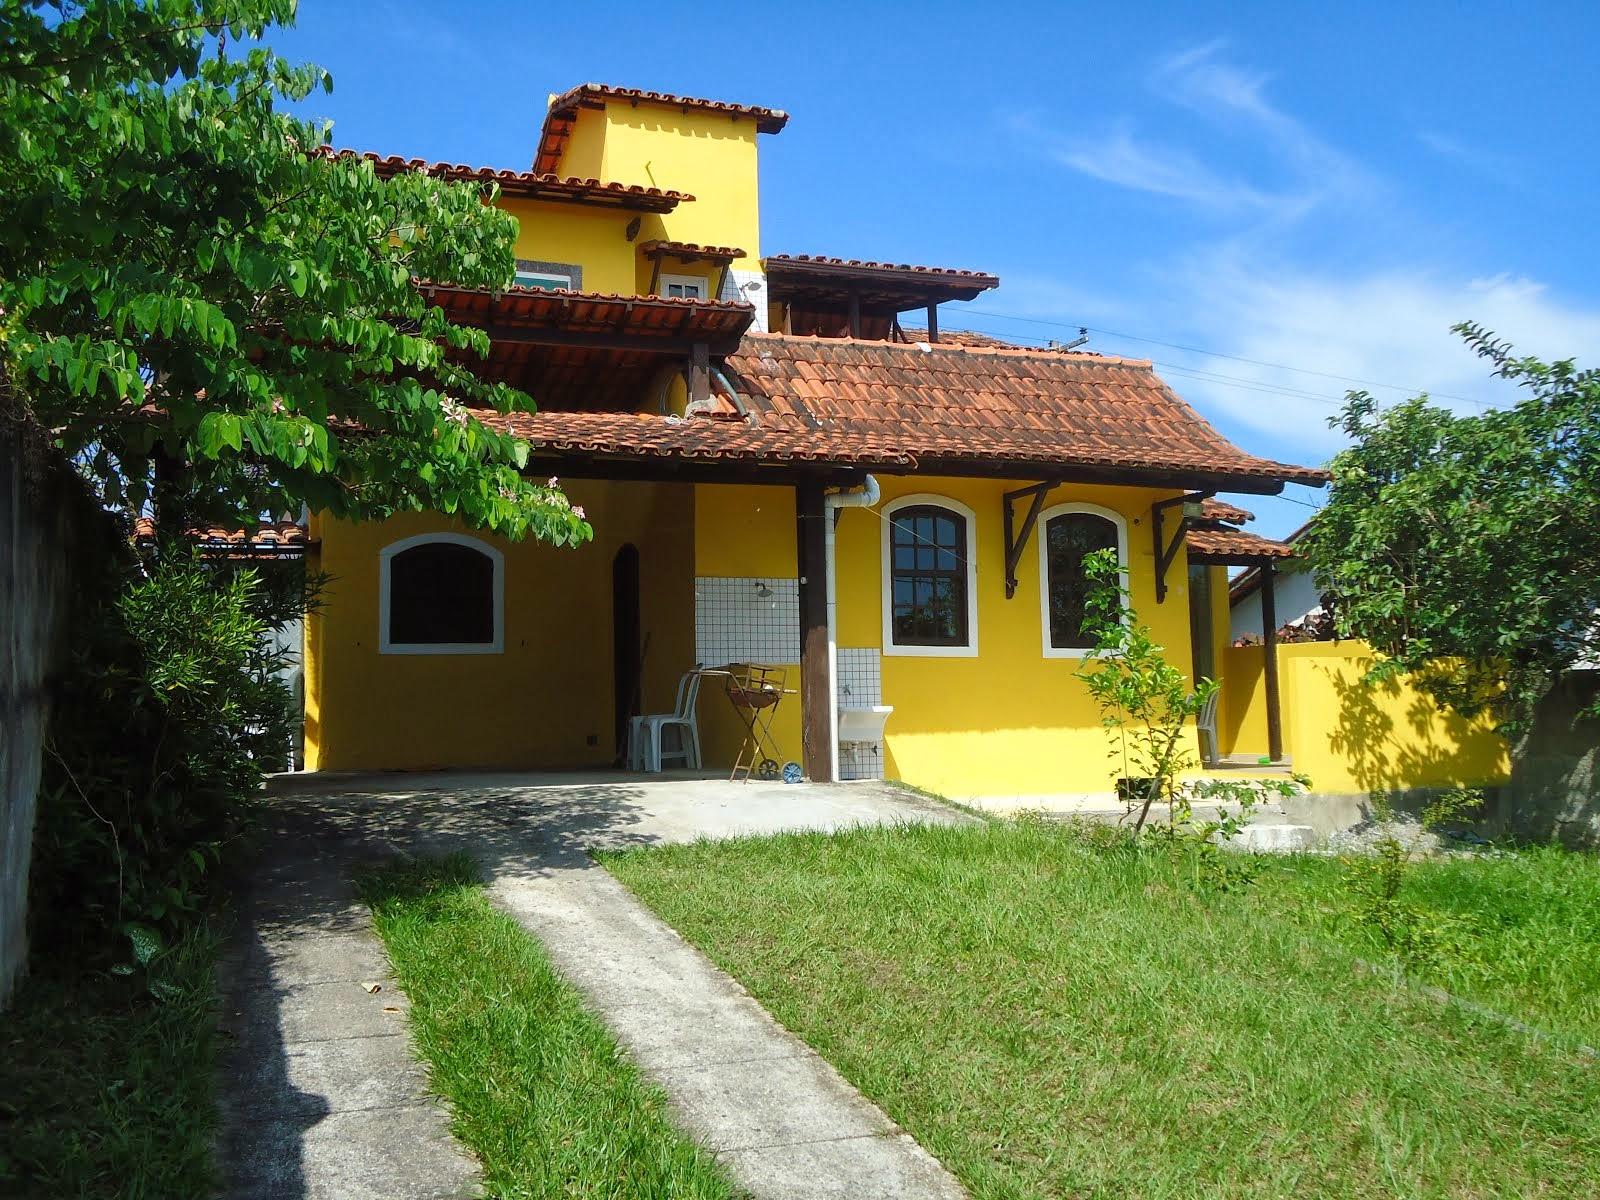 Vila do Sossego condomínio com 03 casas.